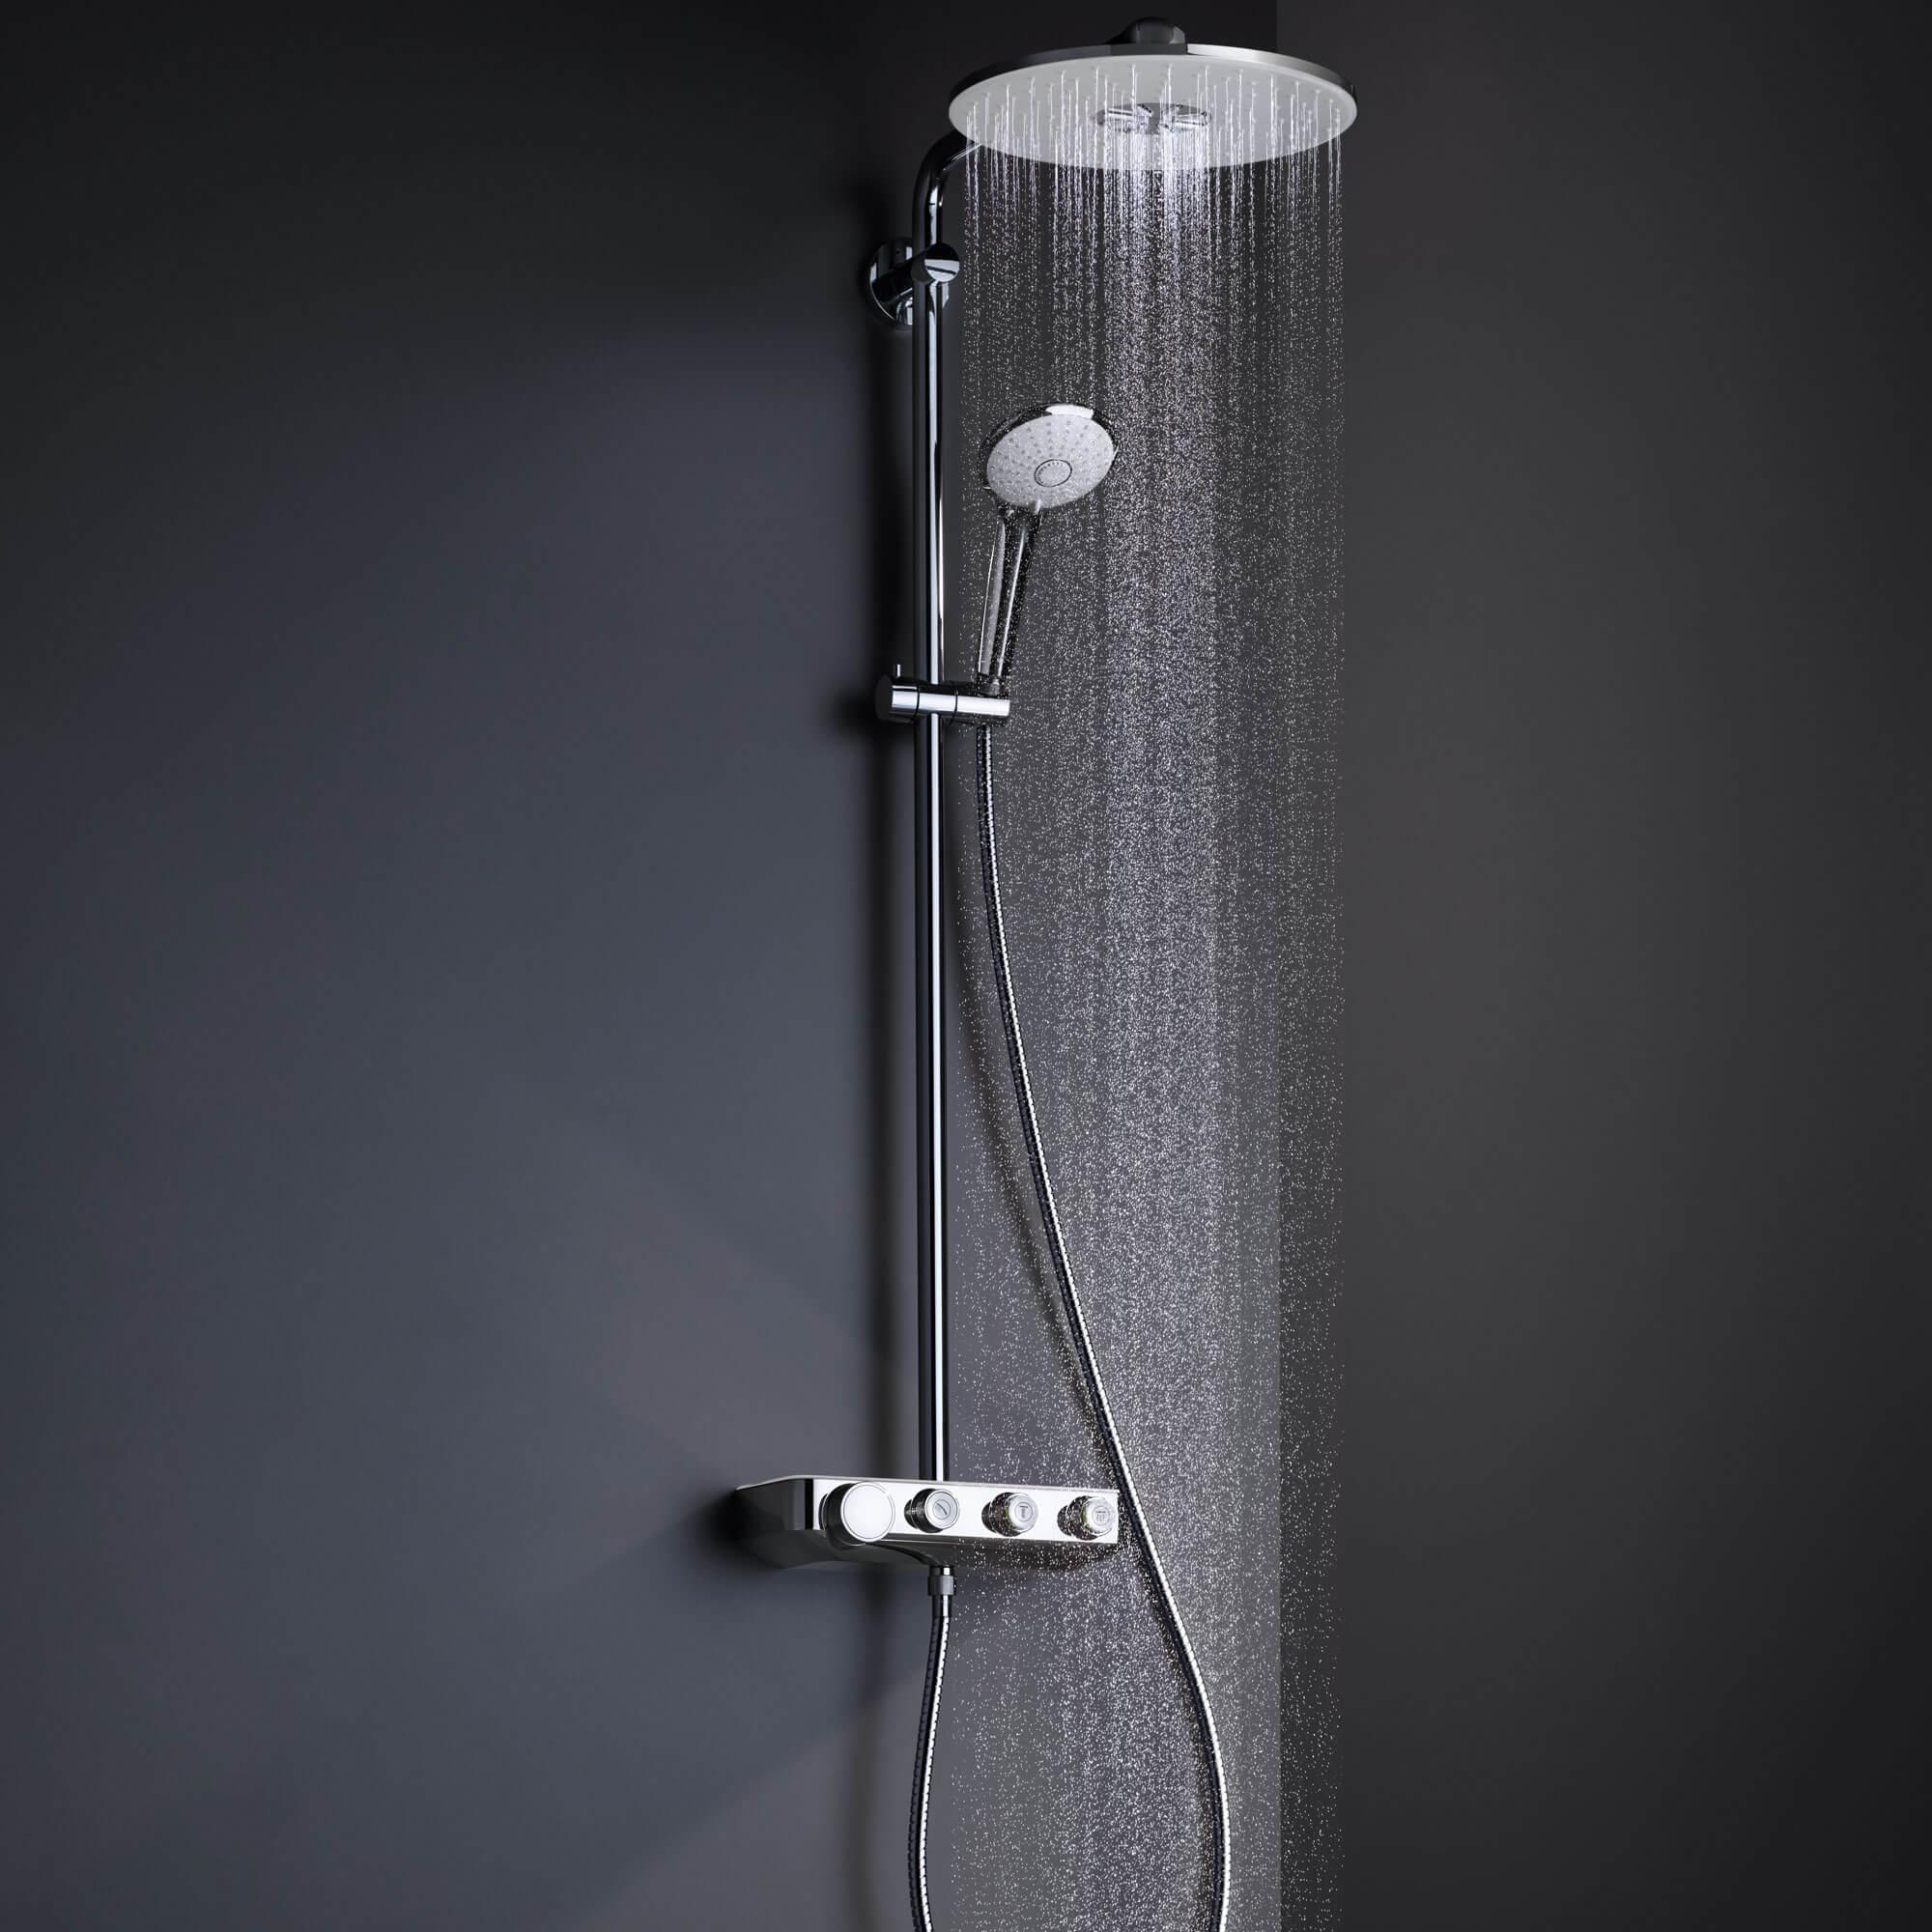 Euphoria SmartControl douche pulvériser de l'eau.